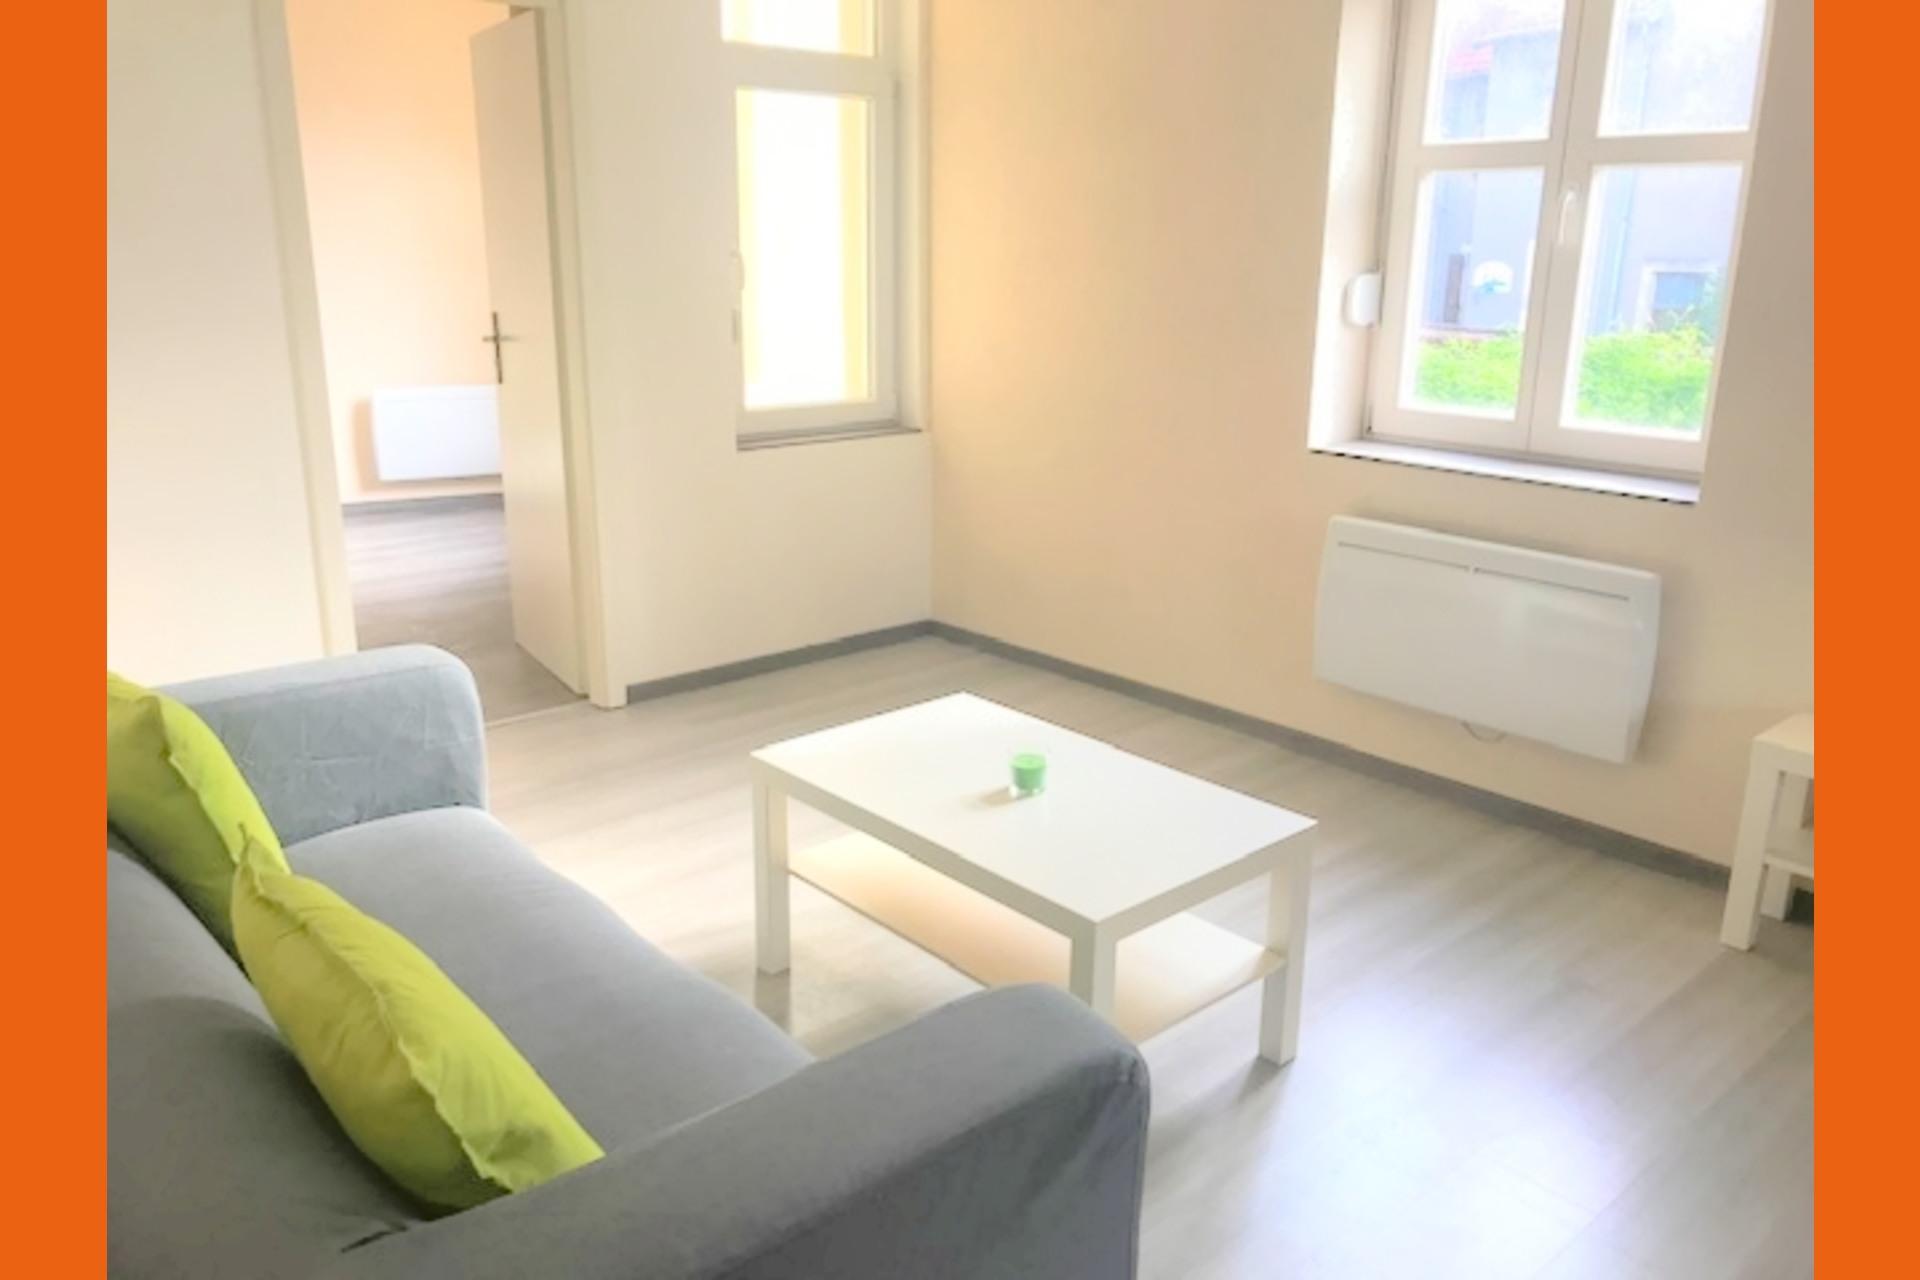 image 2 - Appartement À louer Metz Sablon